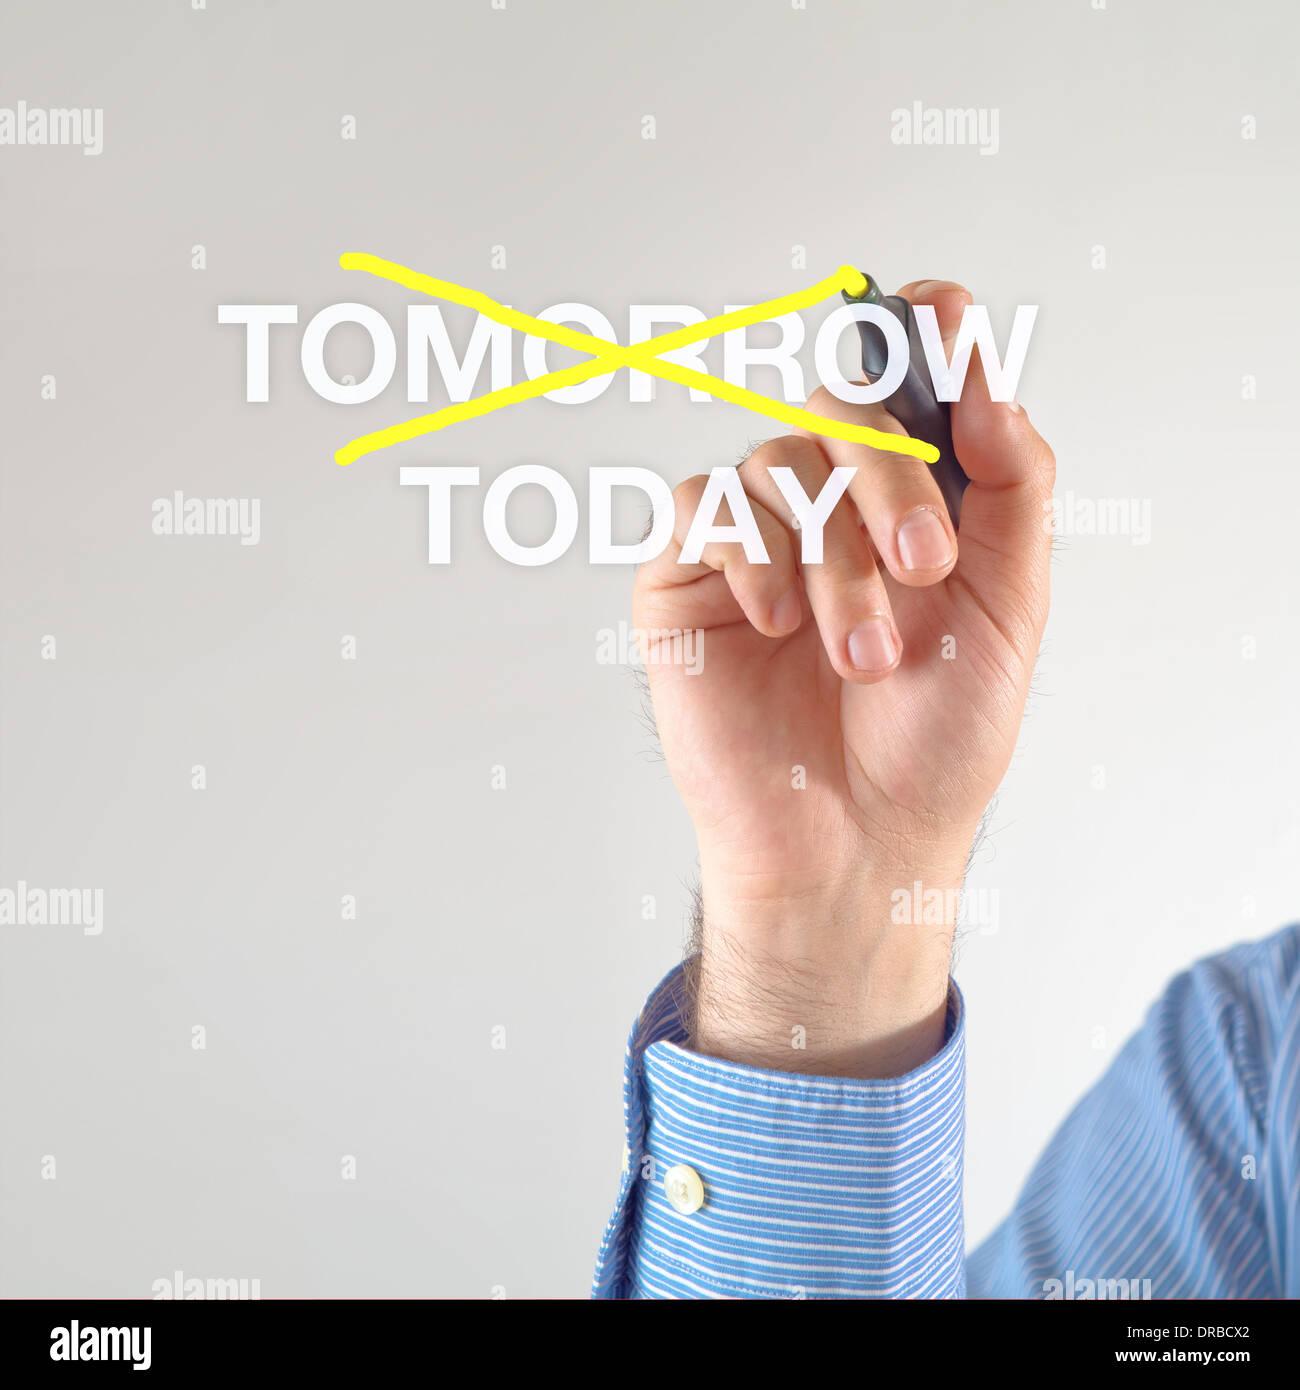 Imprenditore attraversa il via domani per oggi con giallo pennarello sulla schermata Foto Stock